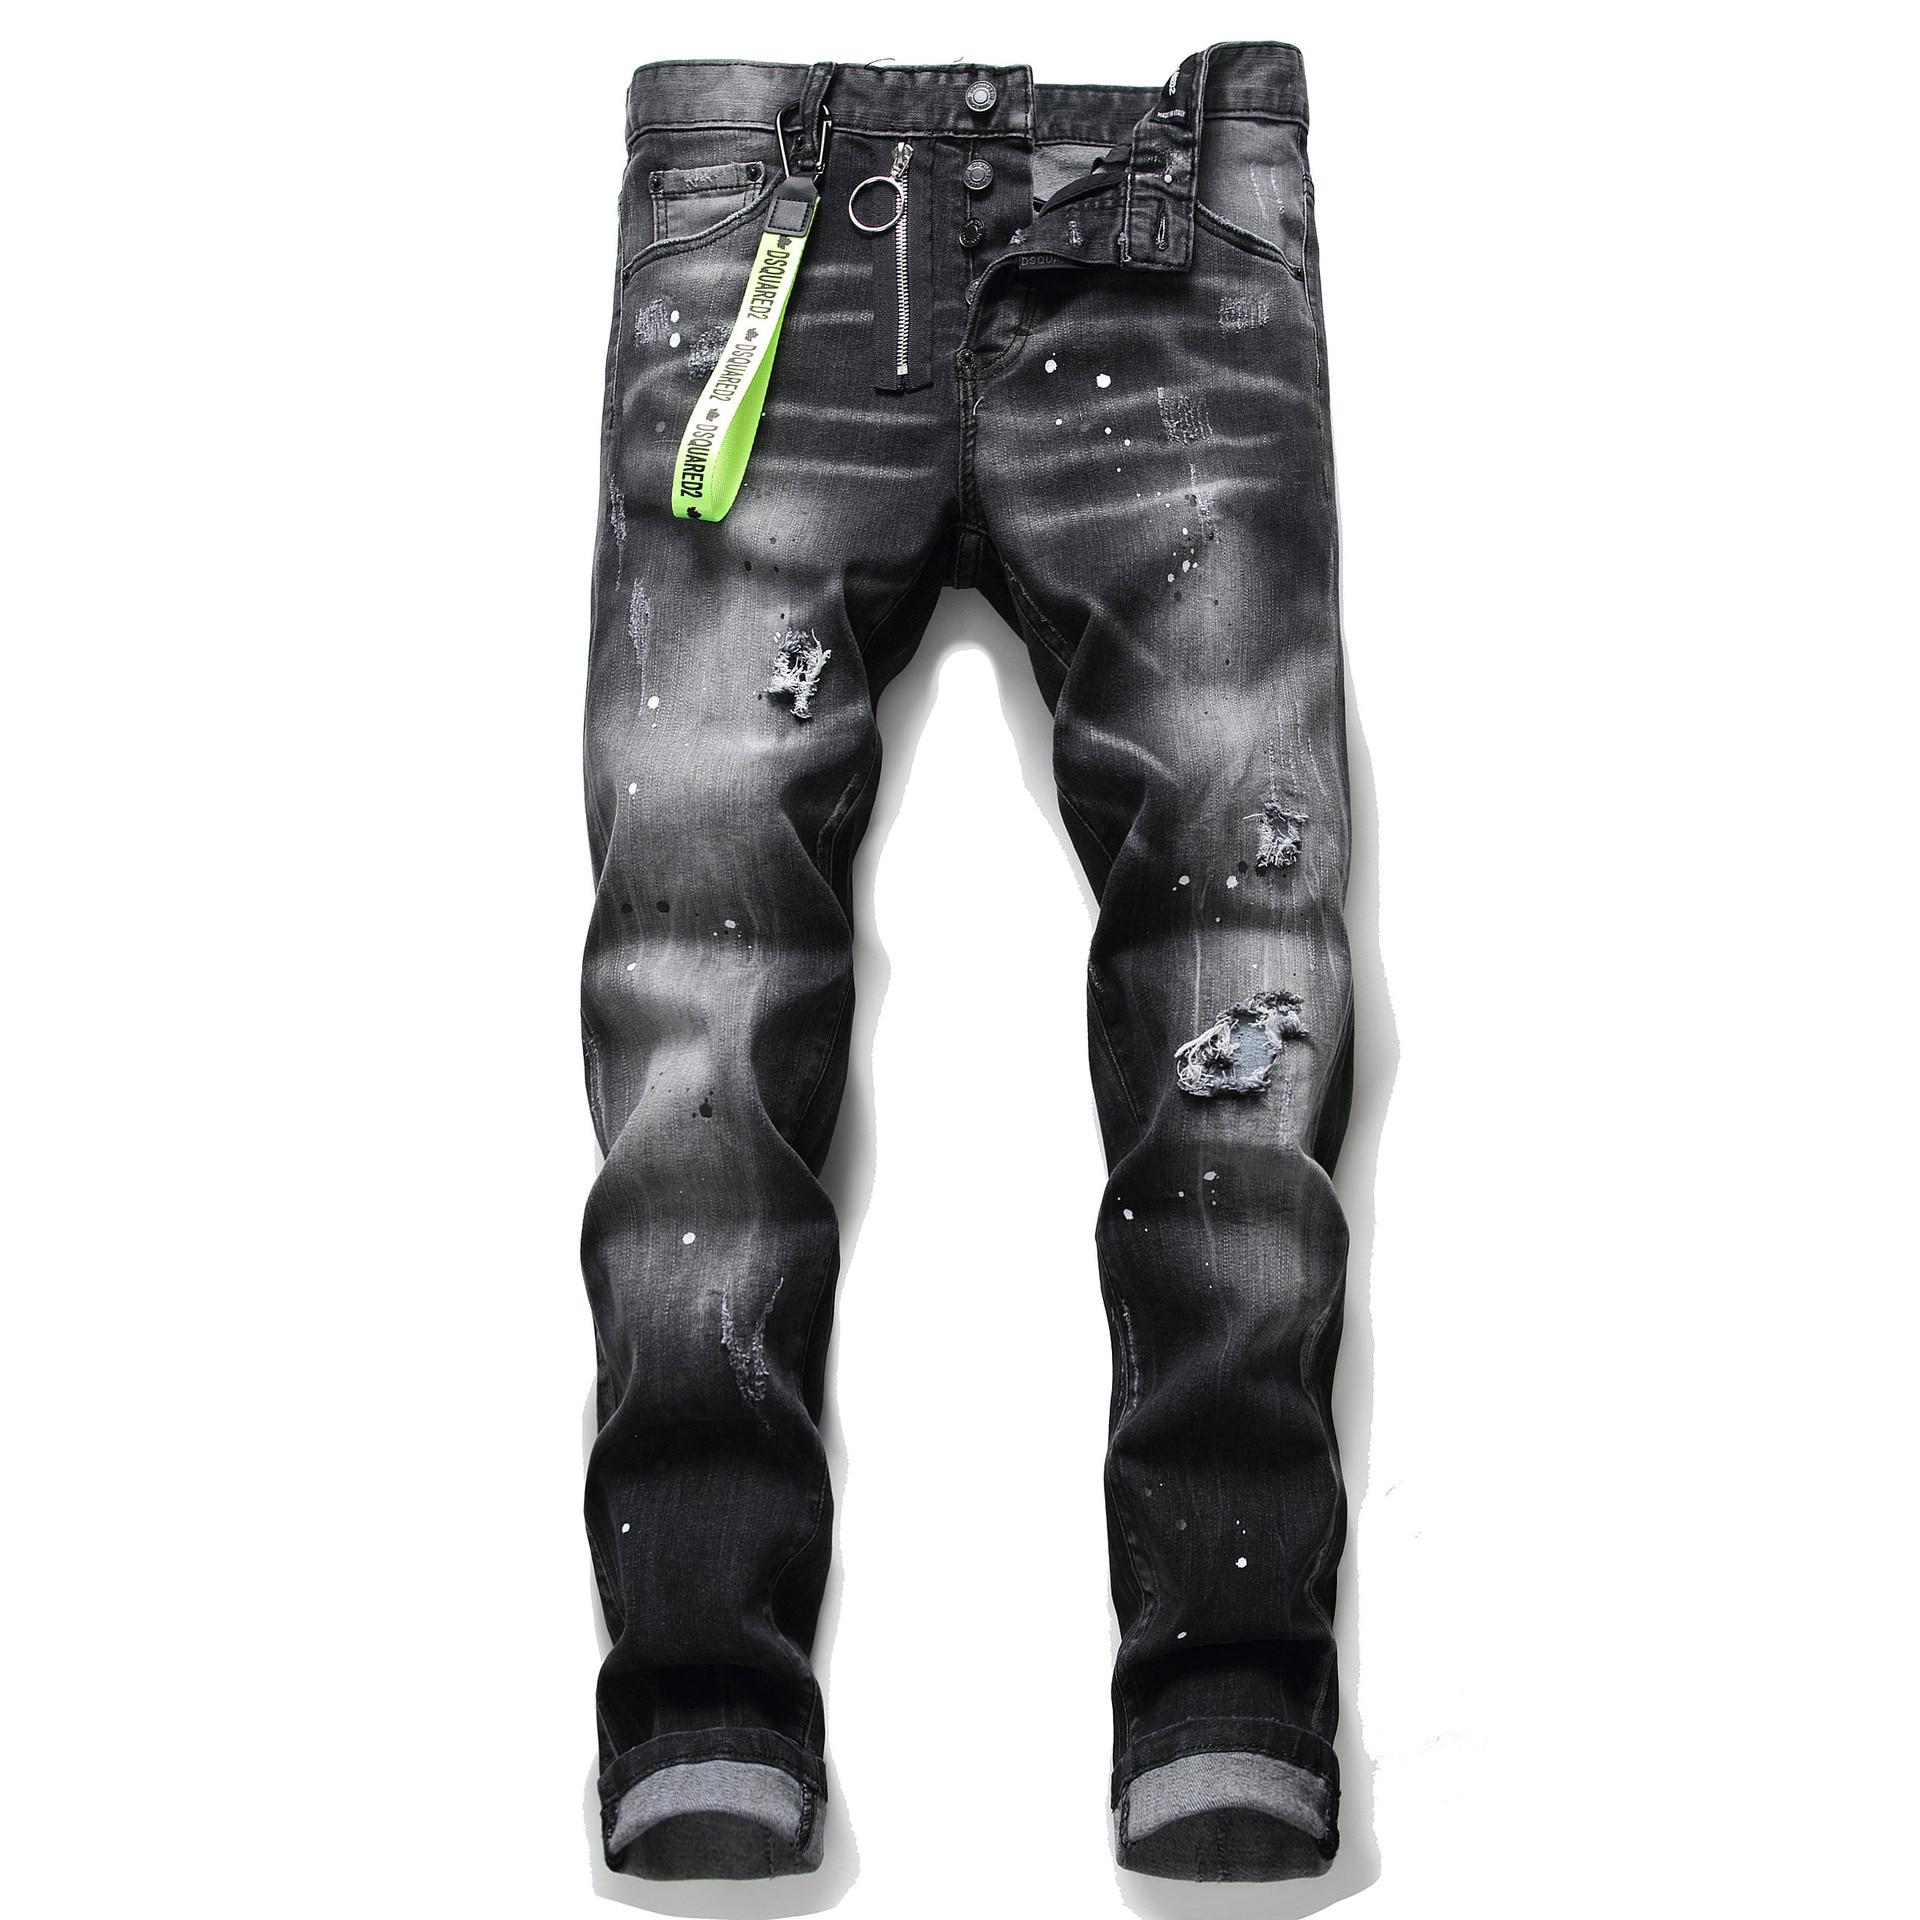 Fashion Brand European American Style Men Jeans Pants Men Slim Jeans Patchwork Letter Moto & Biker Jeans Pants Black Hole Jeans